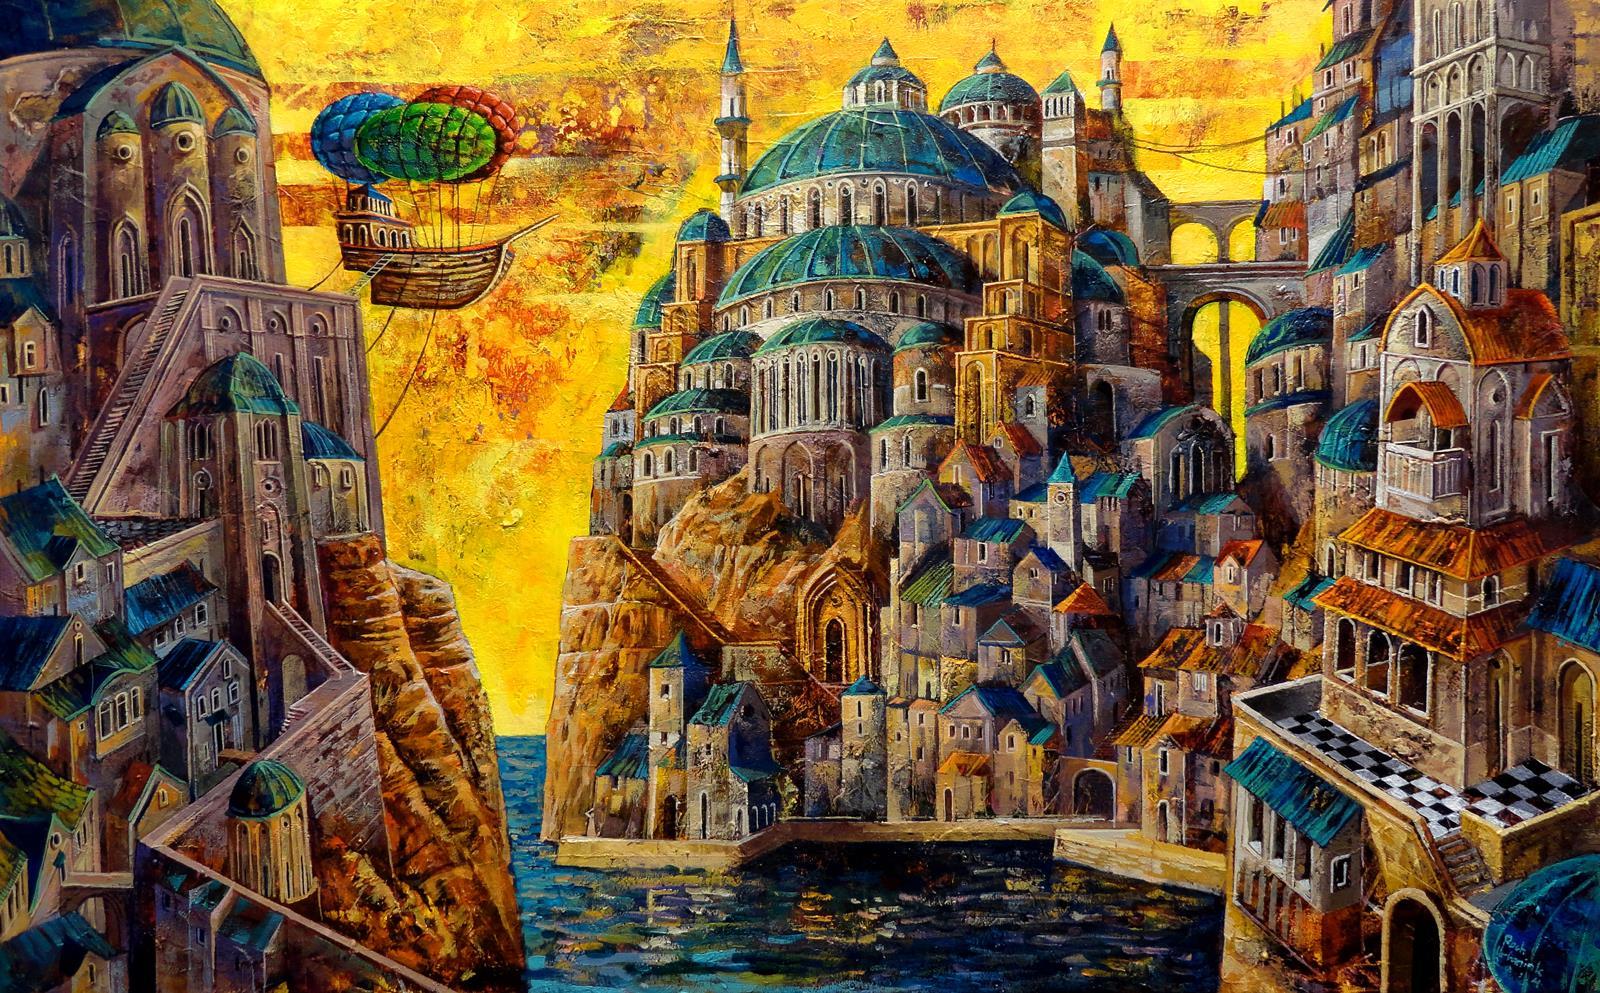 SOLD: Acrylic on canvas, 50 cm x 80 cm, by Roch Urbaniak